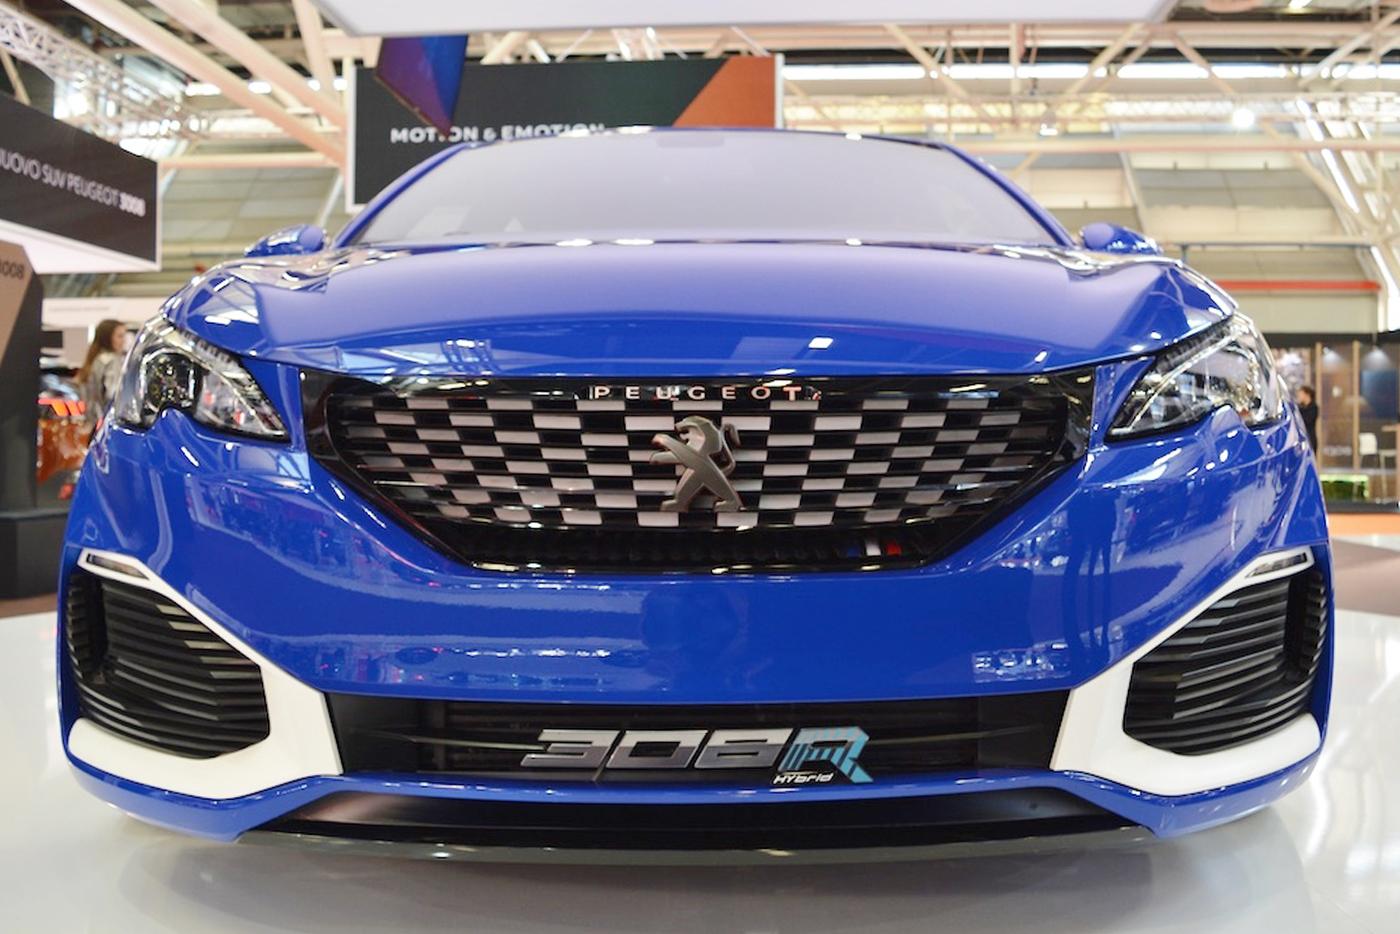 peugeot-308-r-hybrid-concept-2016-4.jpg